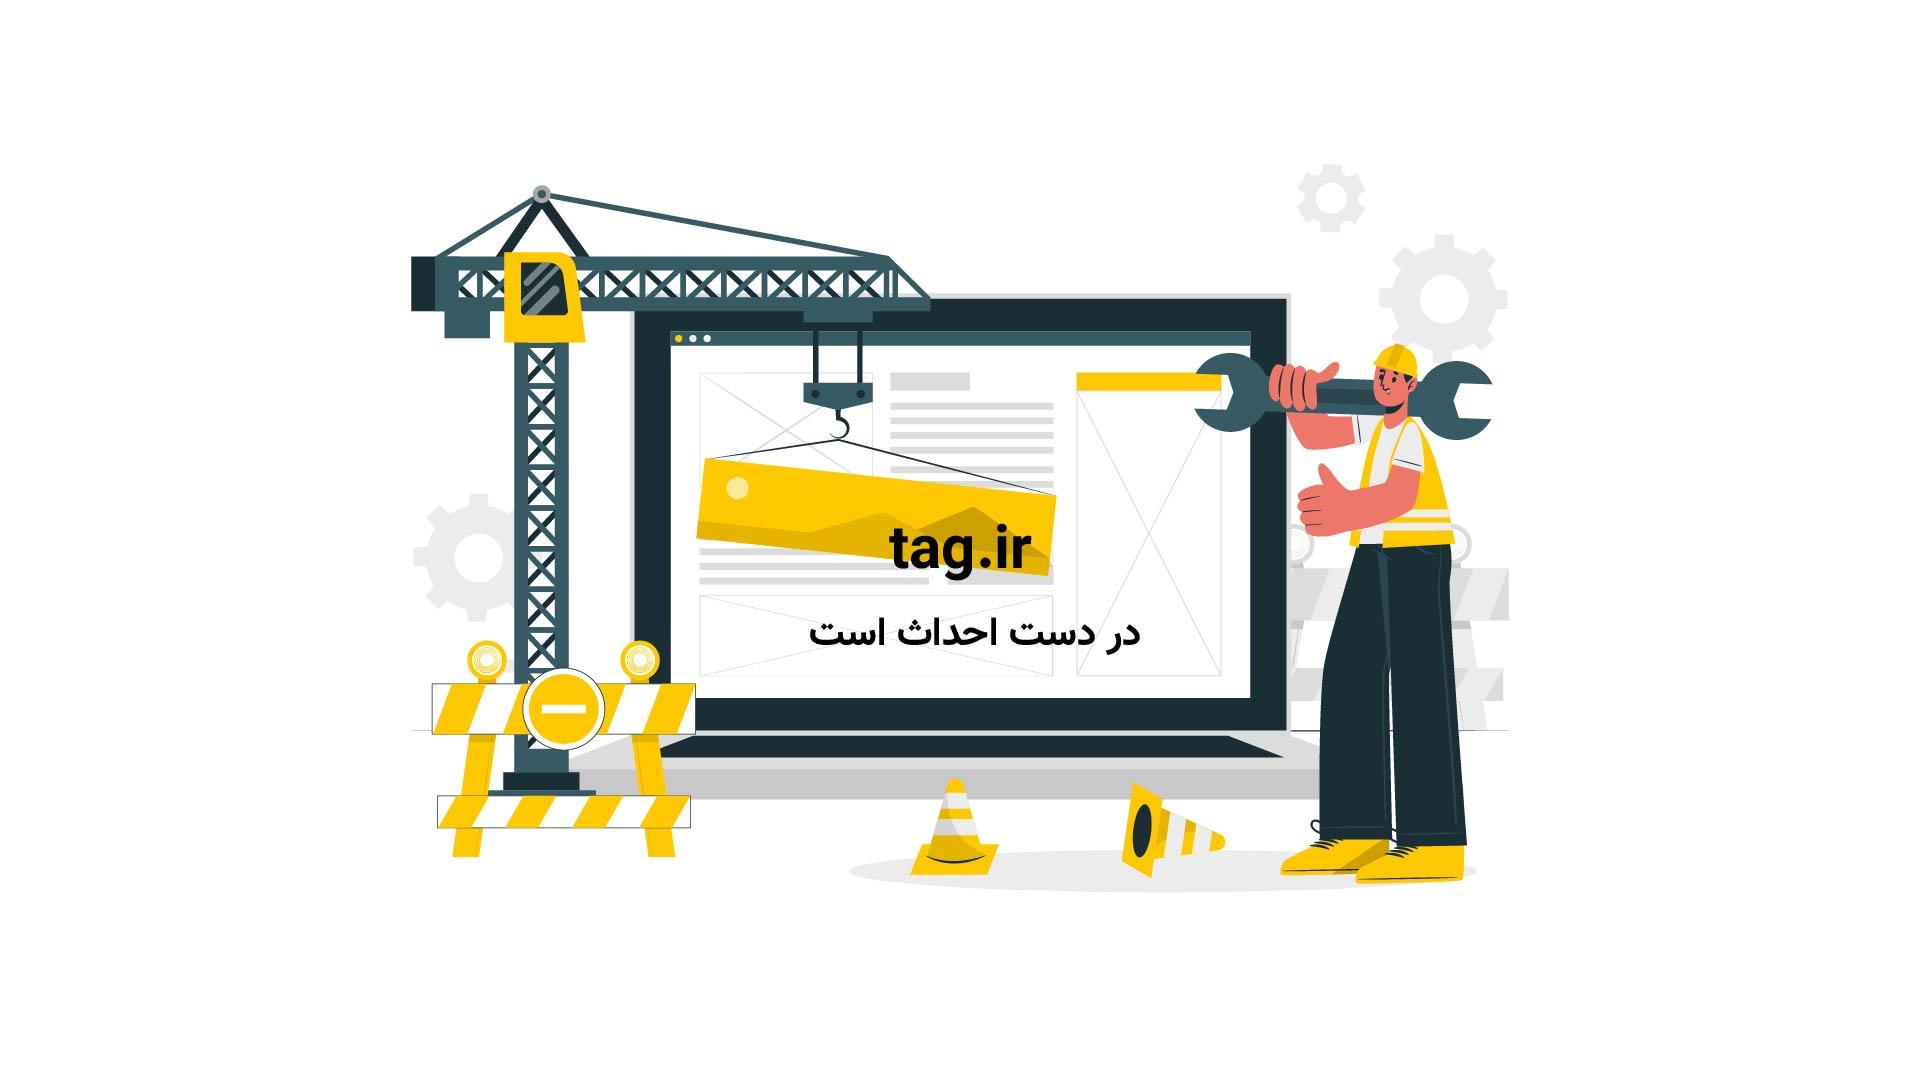 انفجار در بزرگترین کارخانه صنایع شیمیایی آلمان کشته داد   فیلم